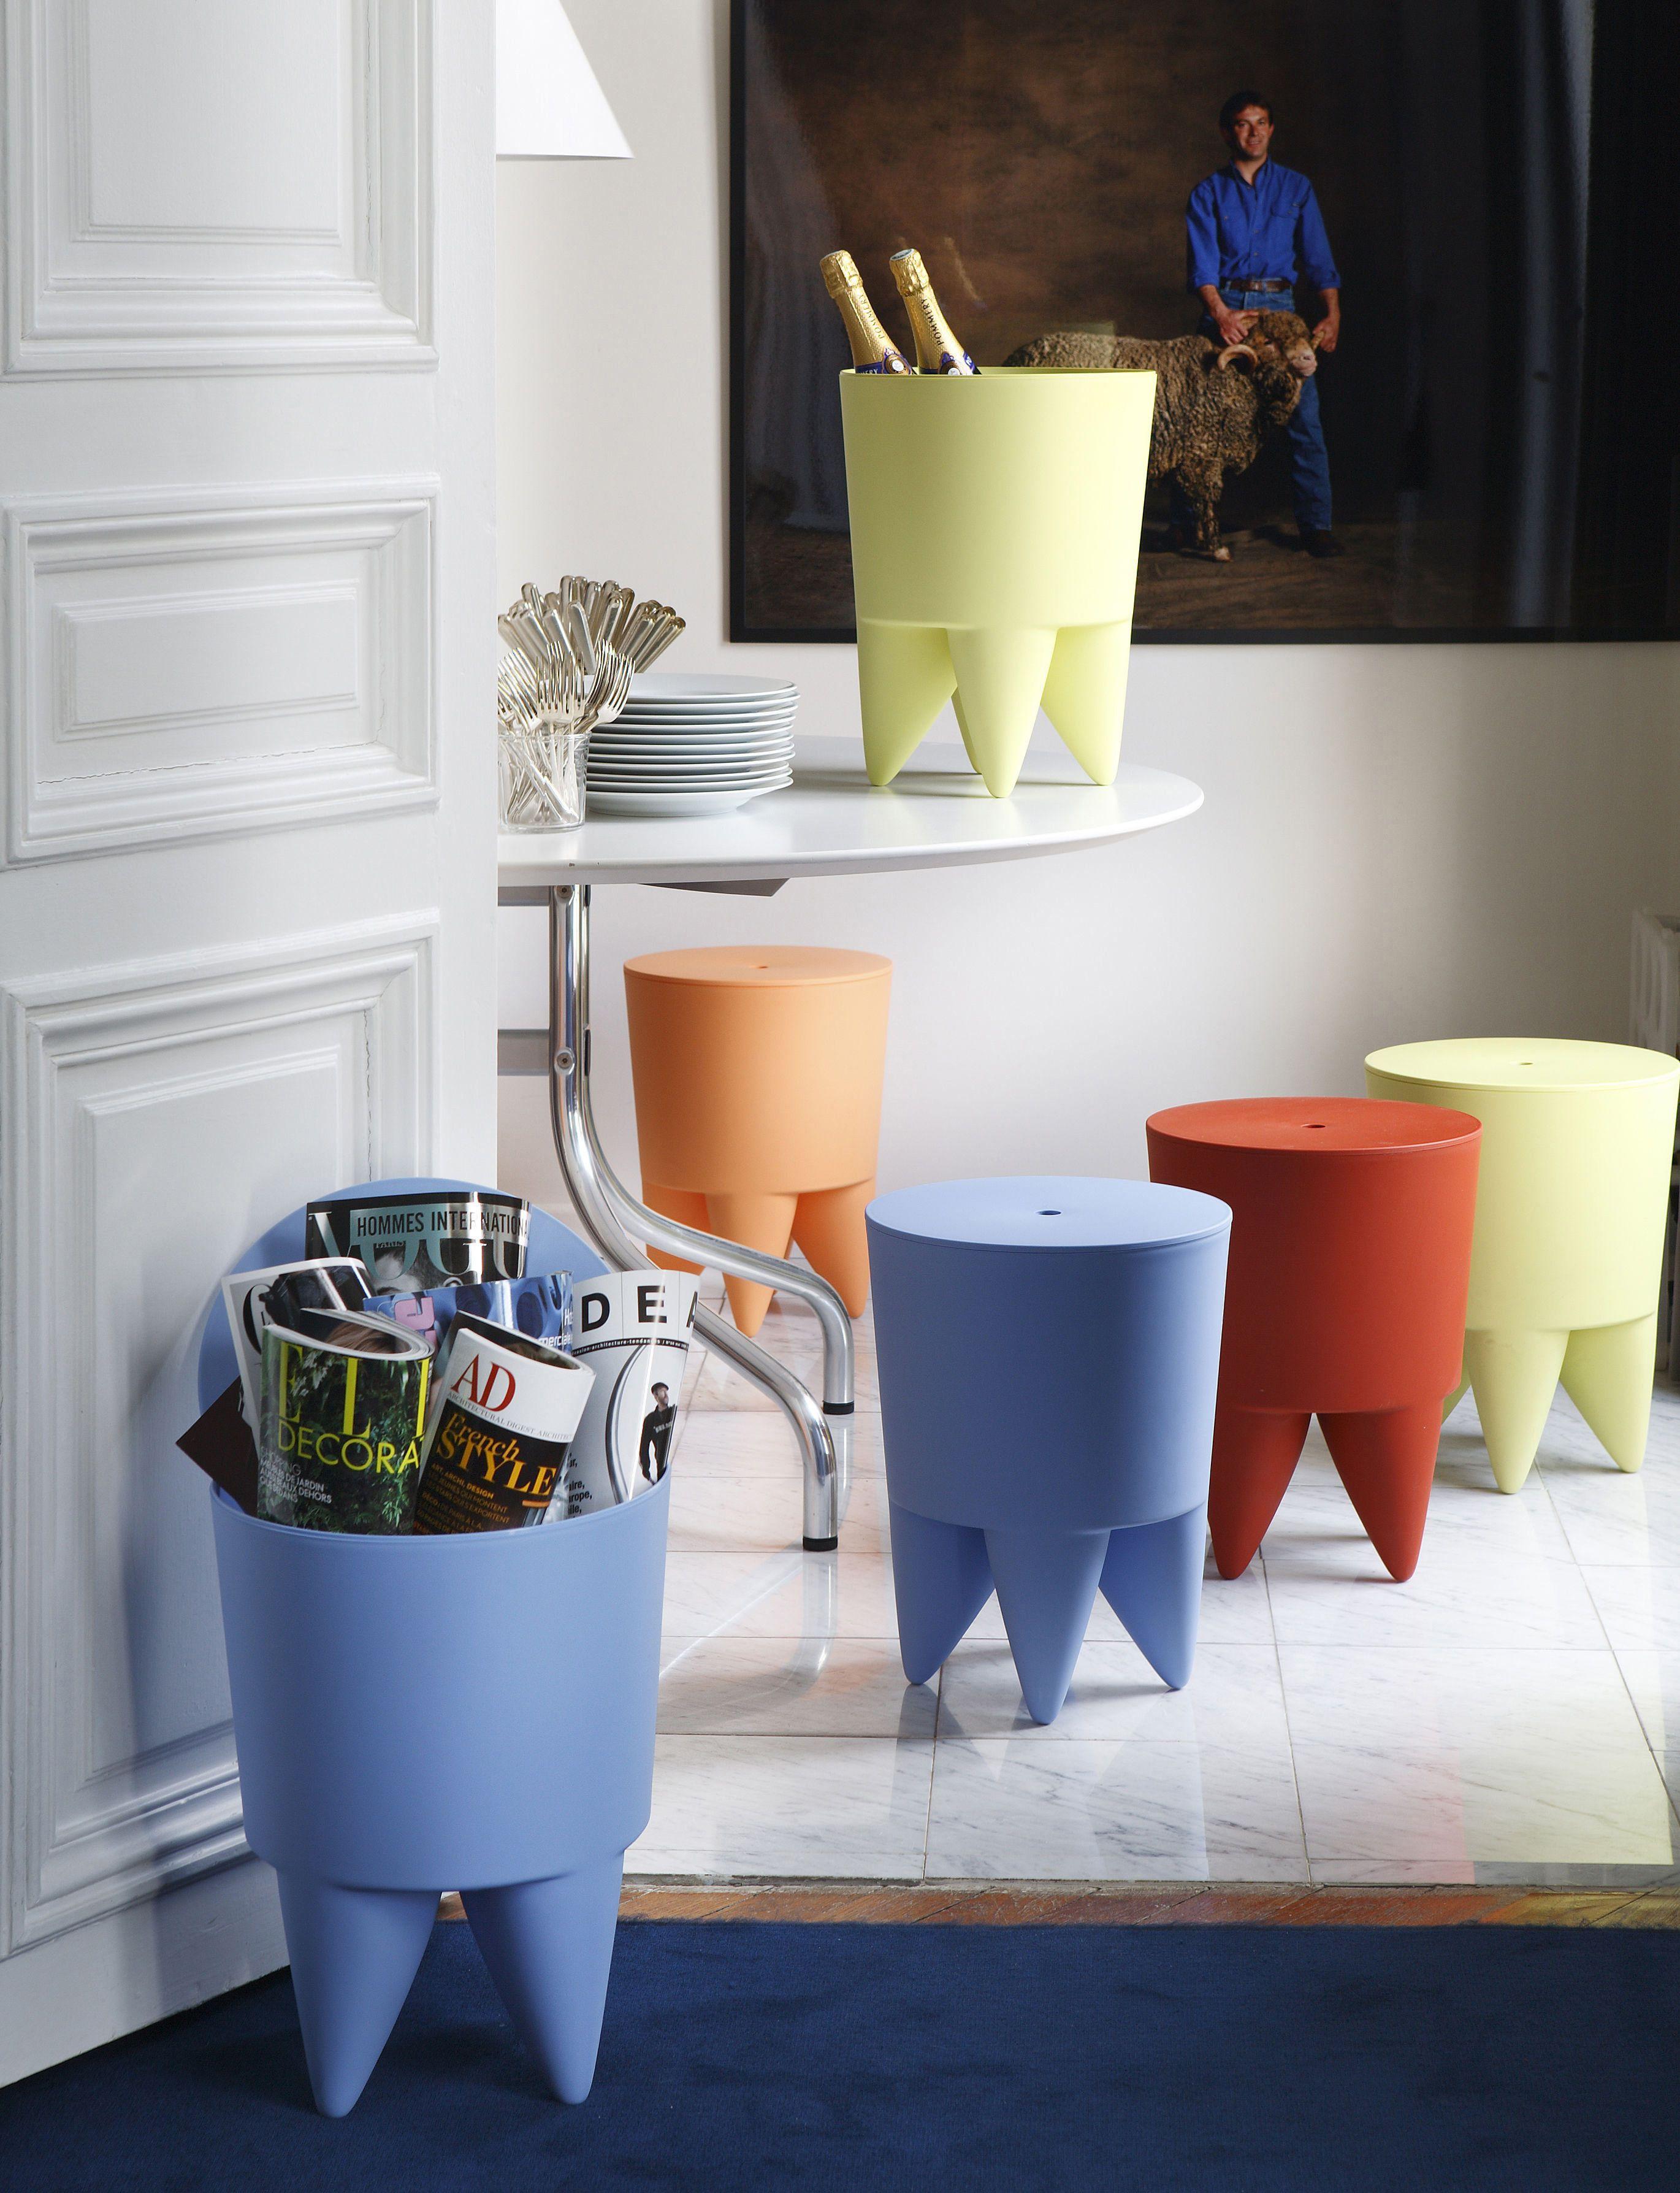 Resultat De Recherche D Images Pour Bubu Tabouret Philippe Starck Design Top Interior Designers